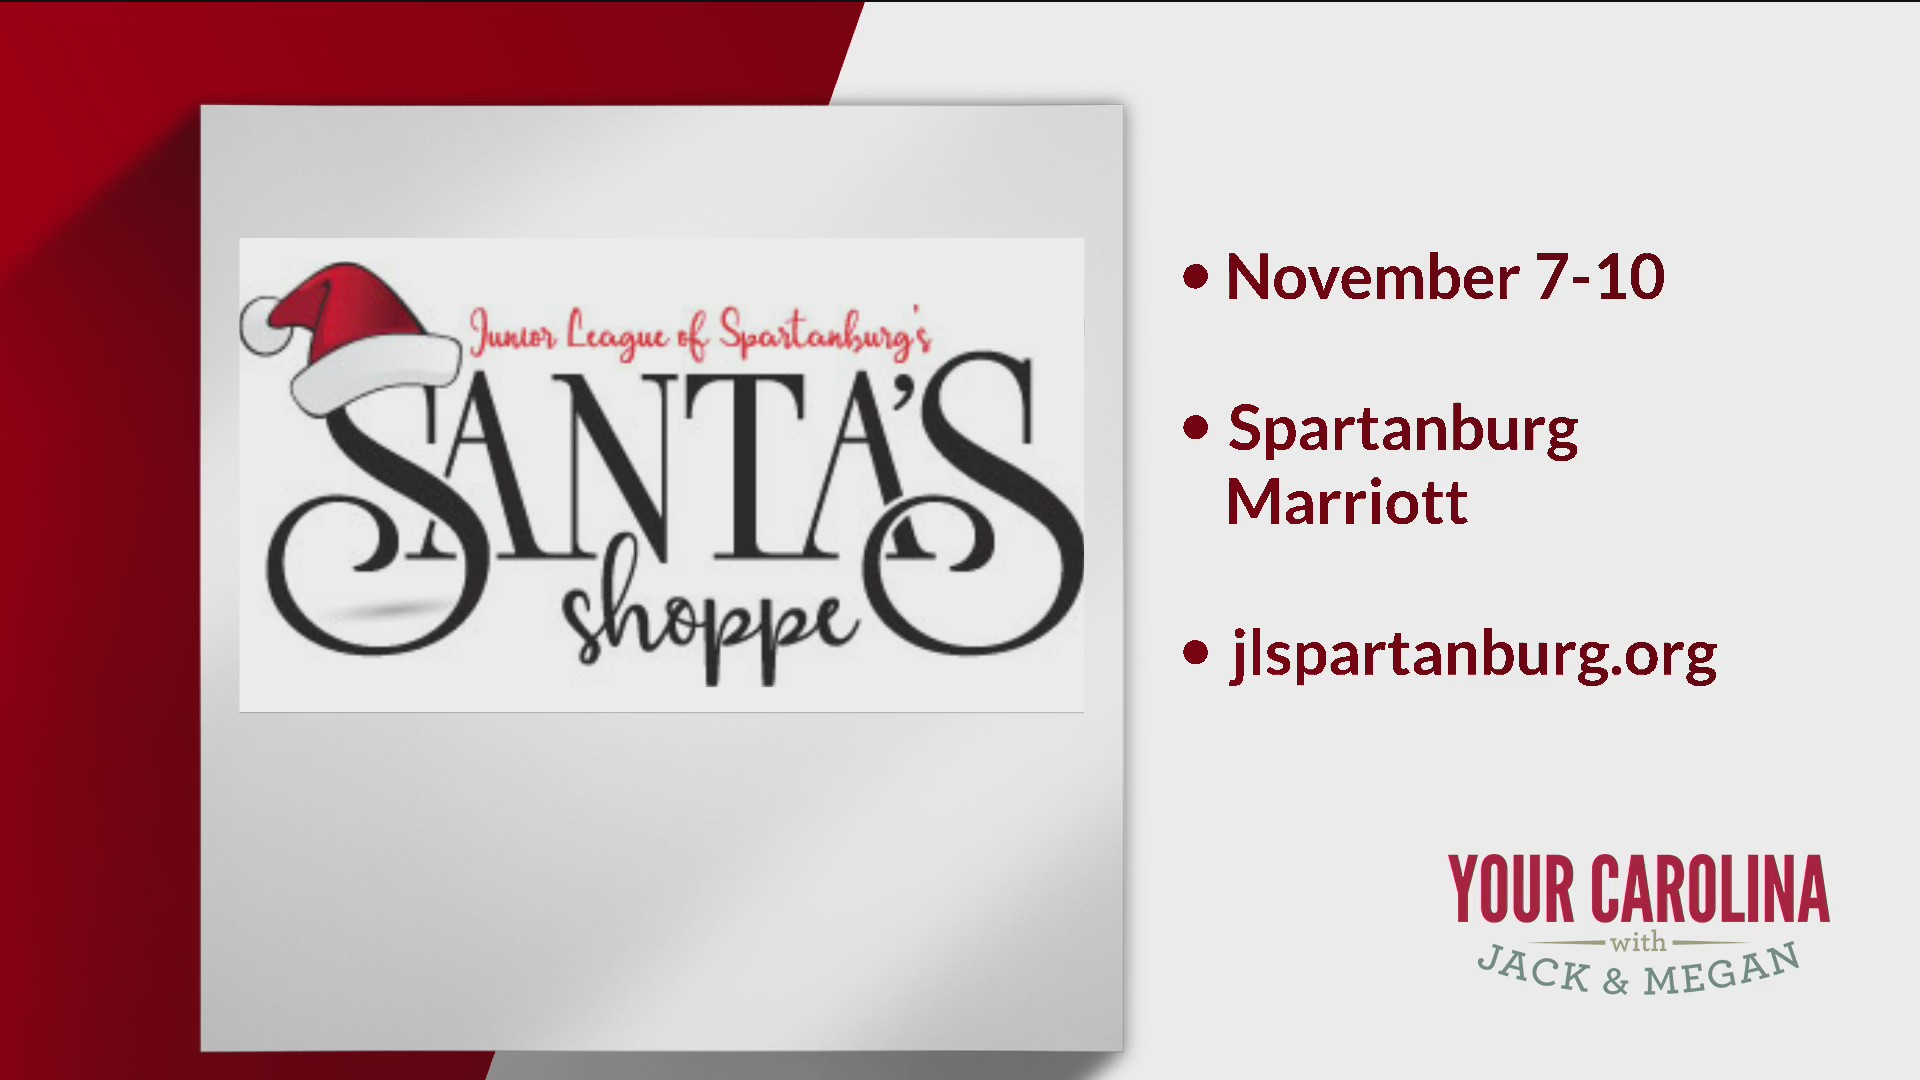 31st Annual Santa's Shoppe